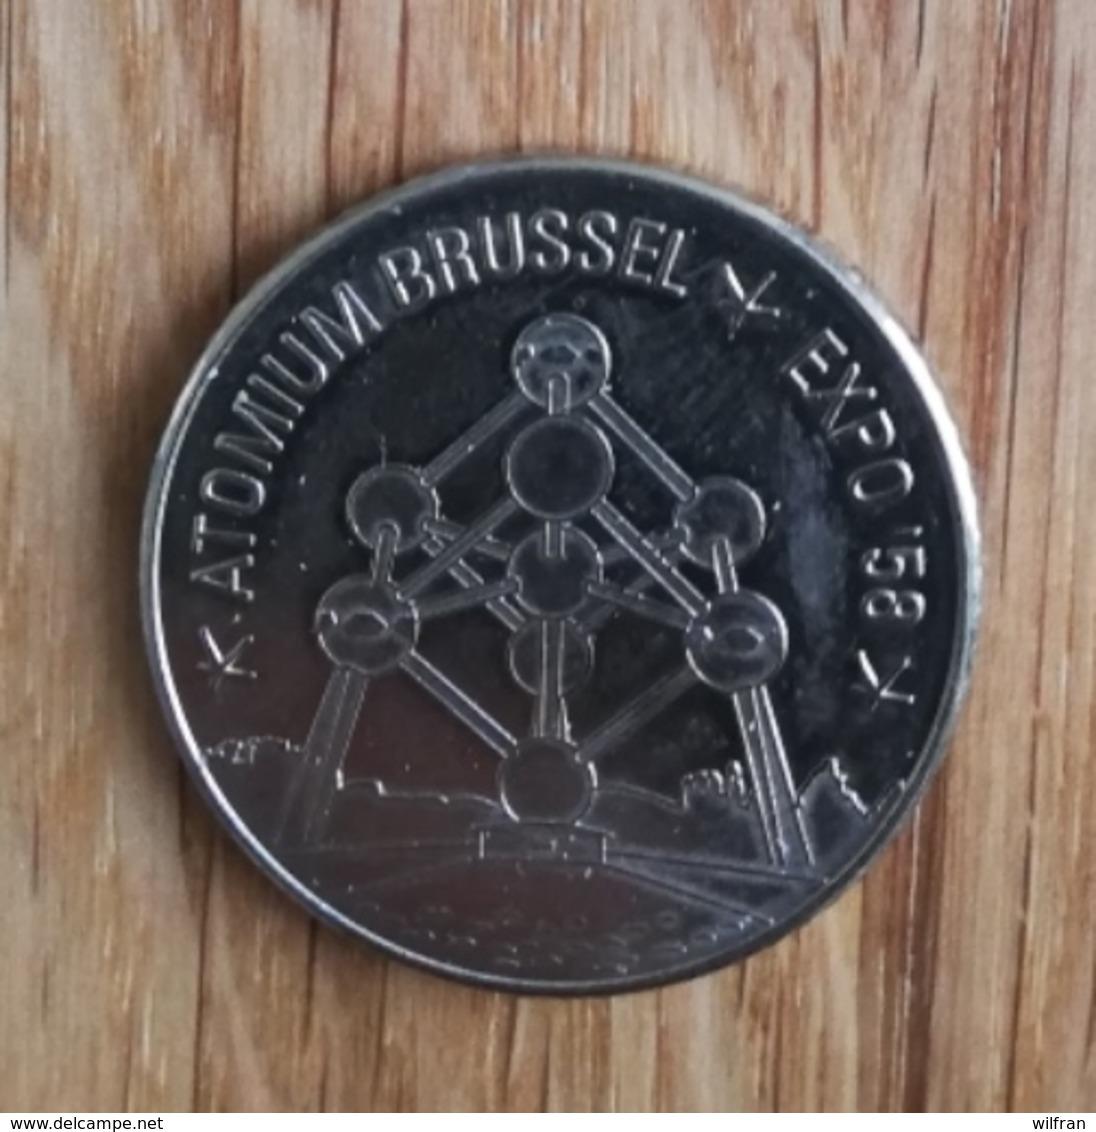 3286 Vz Atomium Brussel Expo '58 - Kz Belgian Heritage Collectors Coin - België